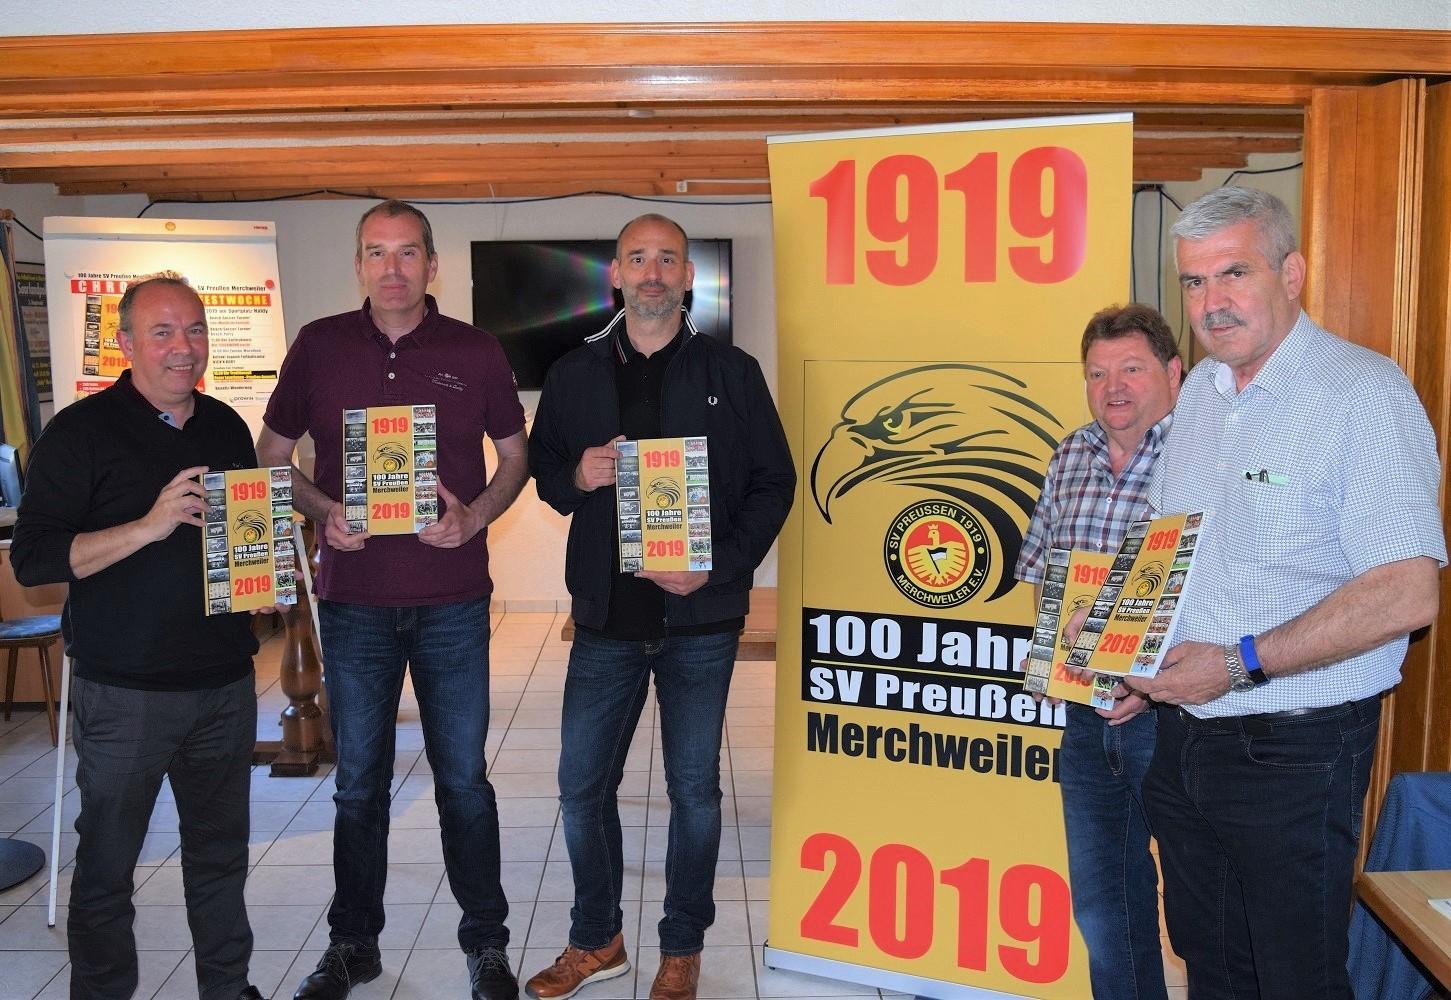 100 Jahre SV Preußen